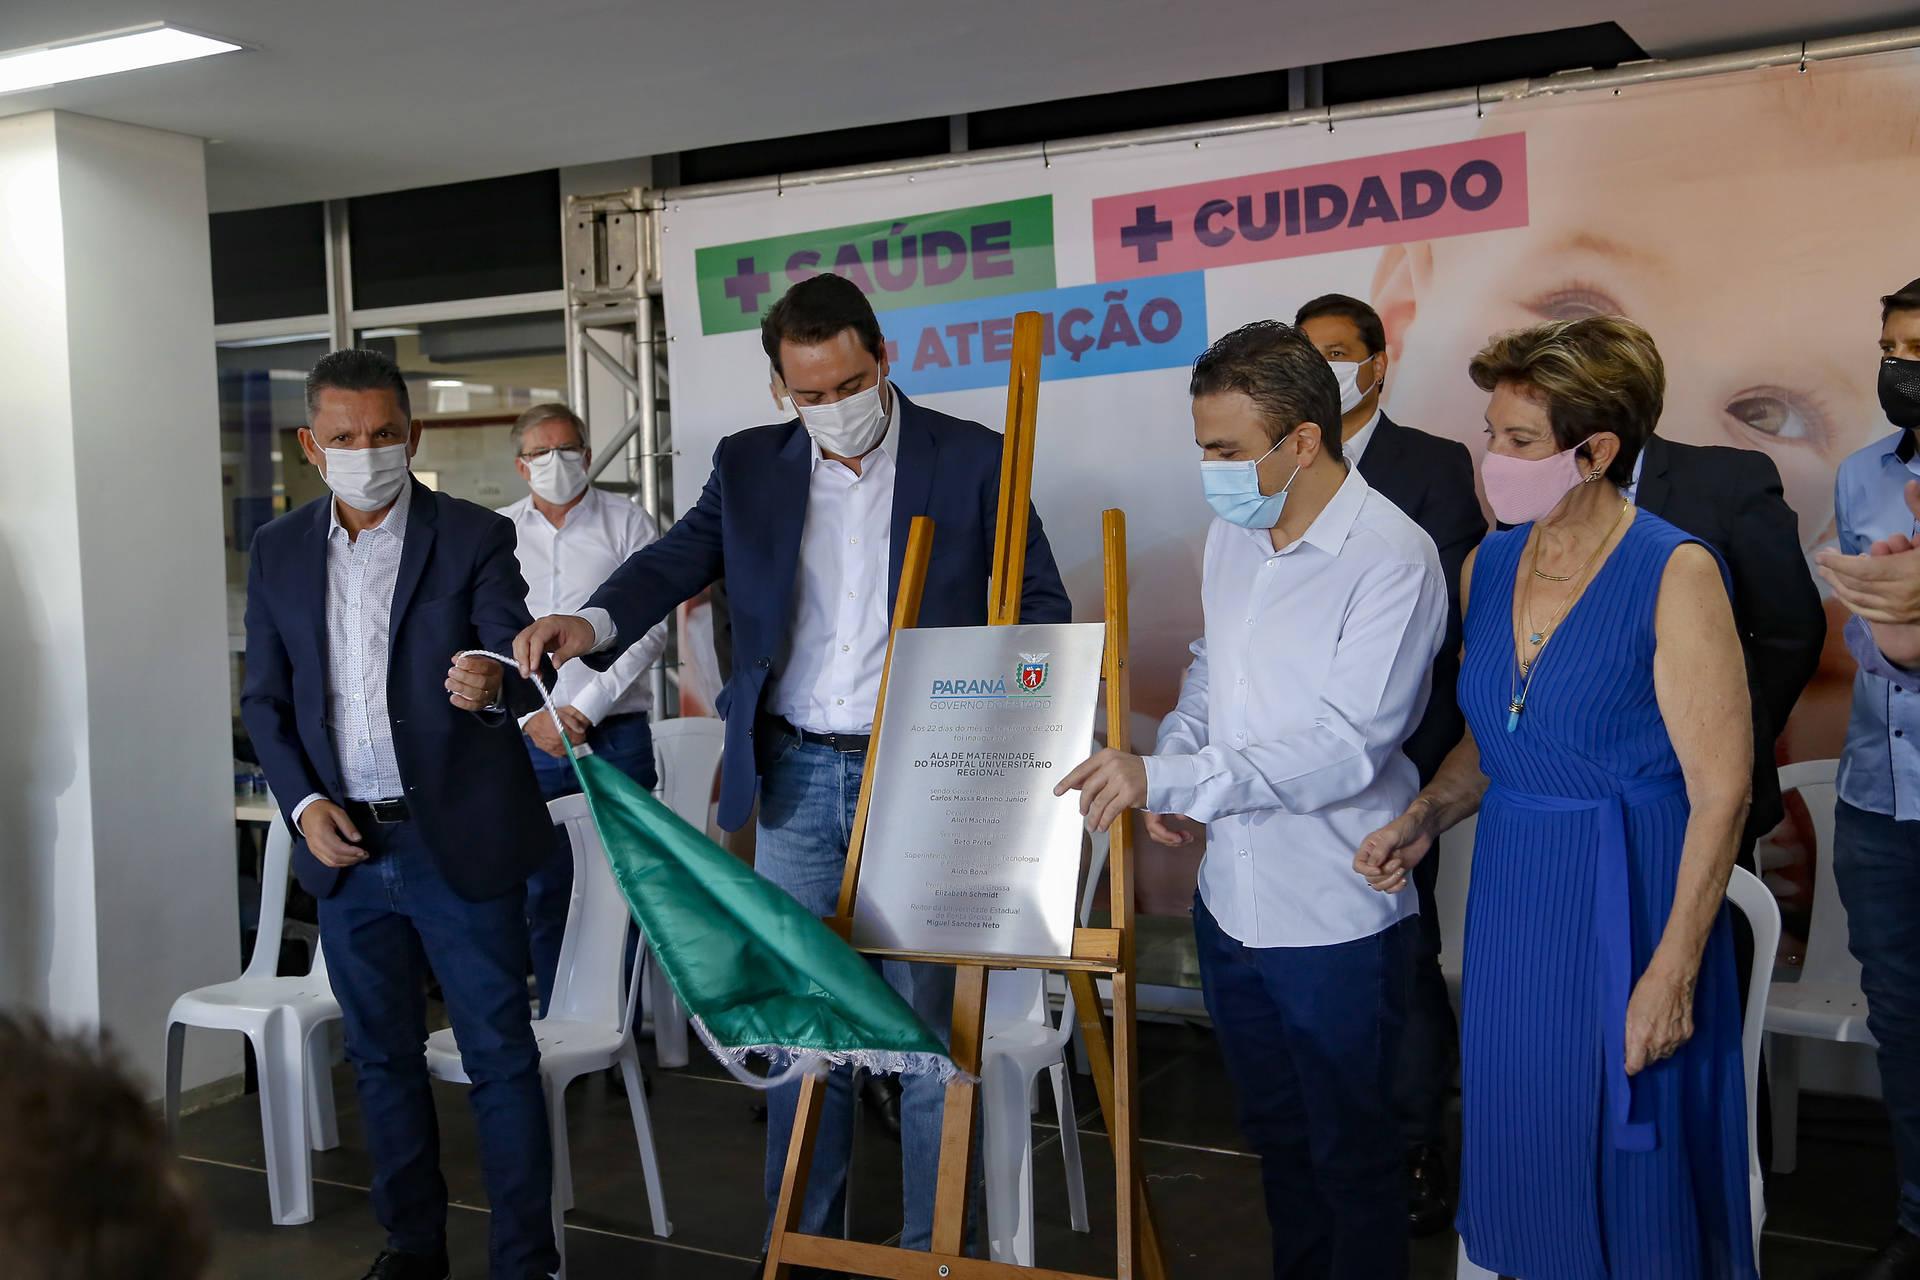 Nova ala amplia atendimento no Hospital Universitário dos Campos Gerais